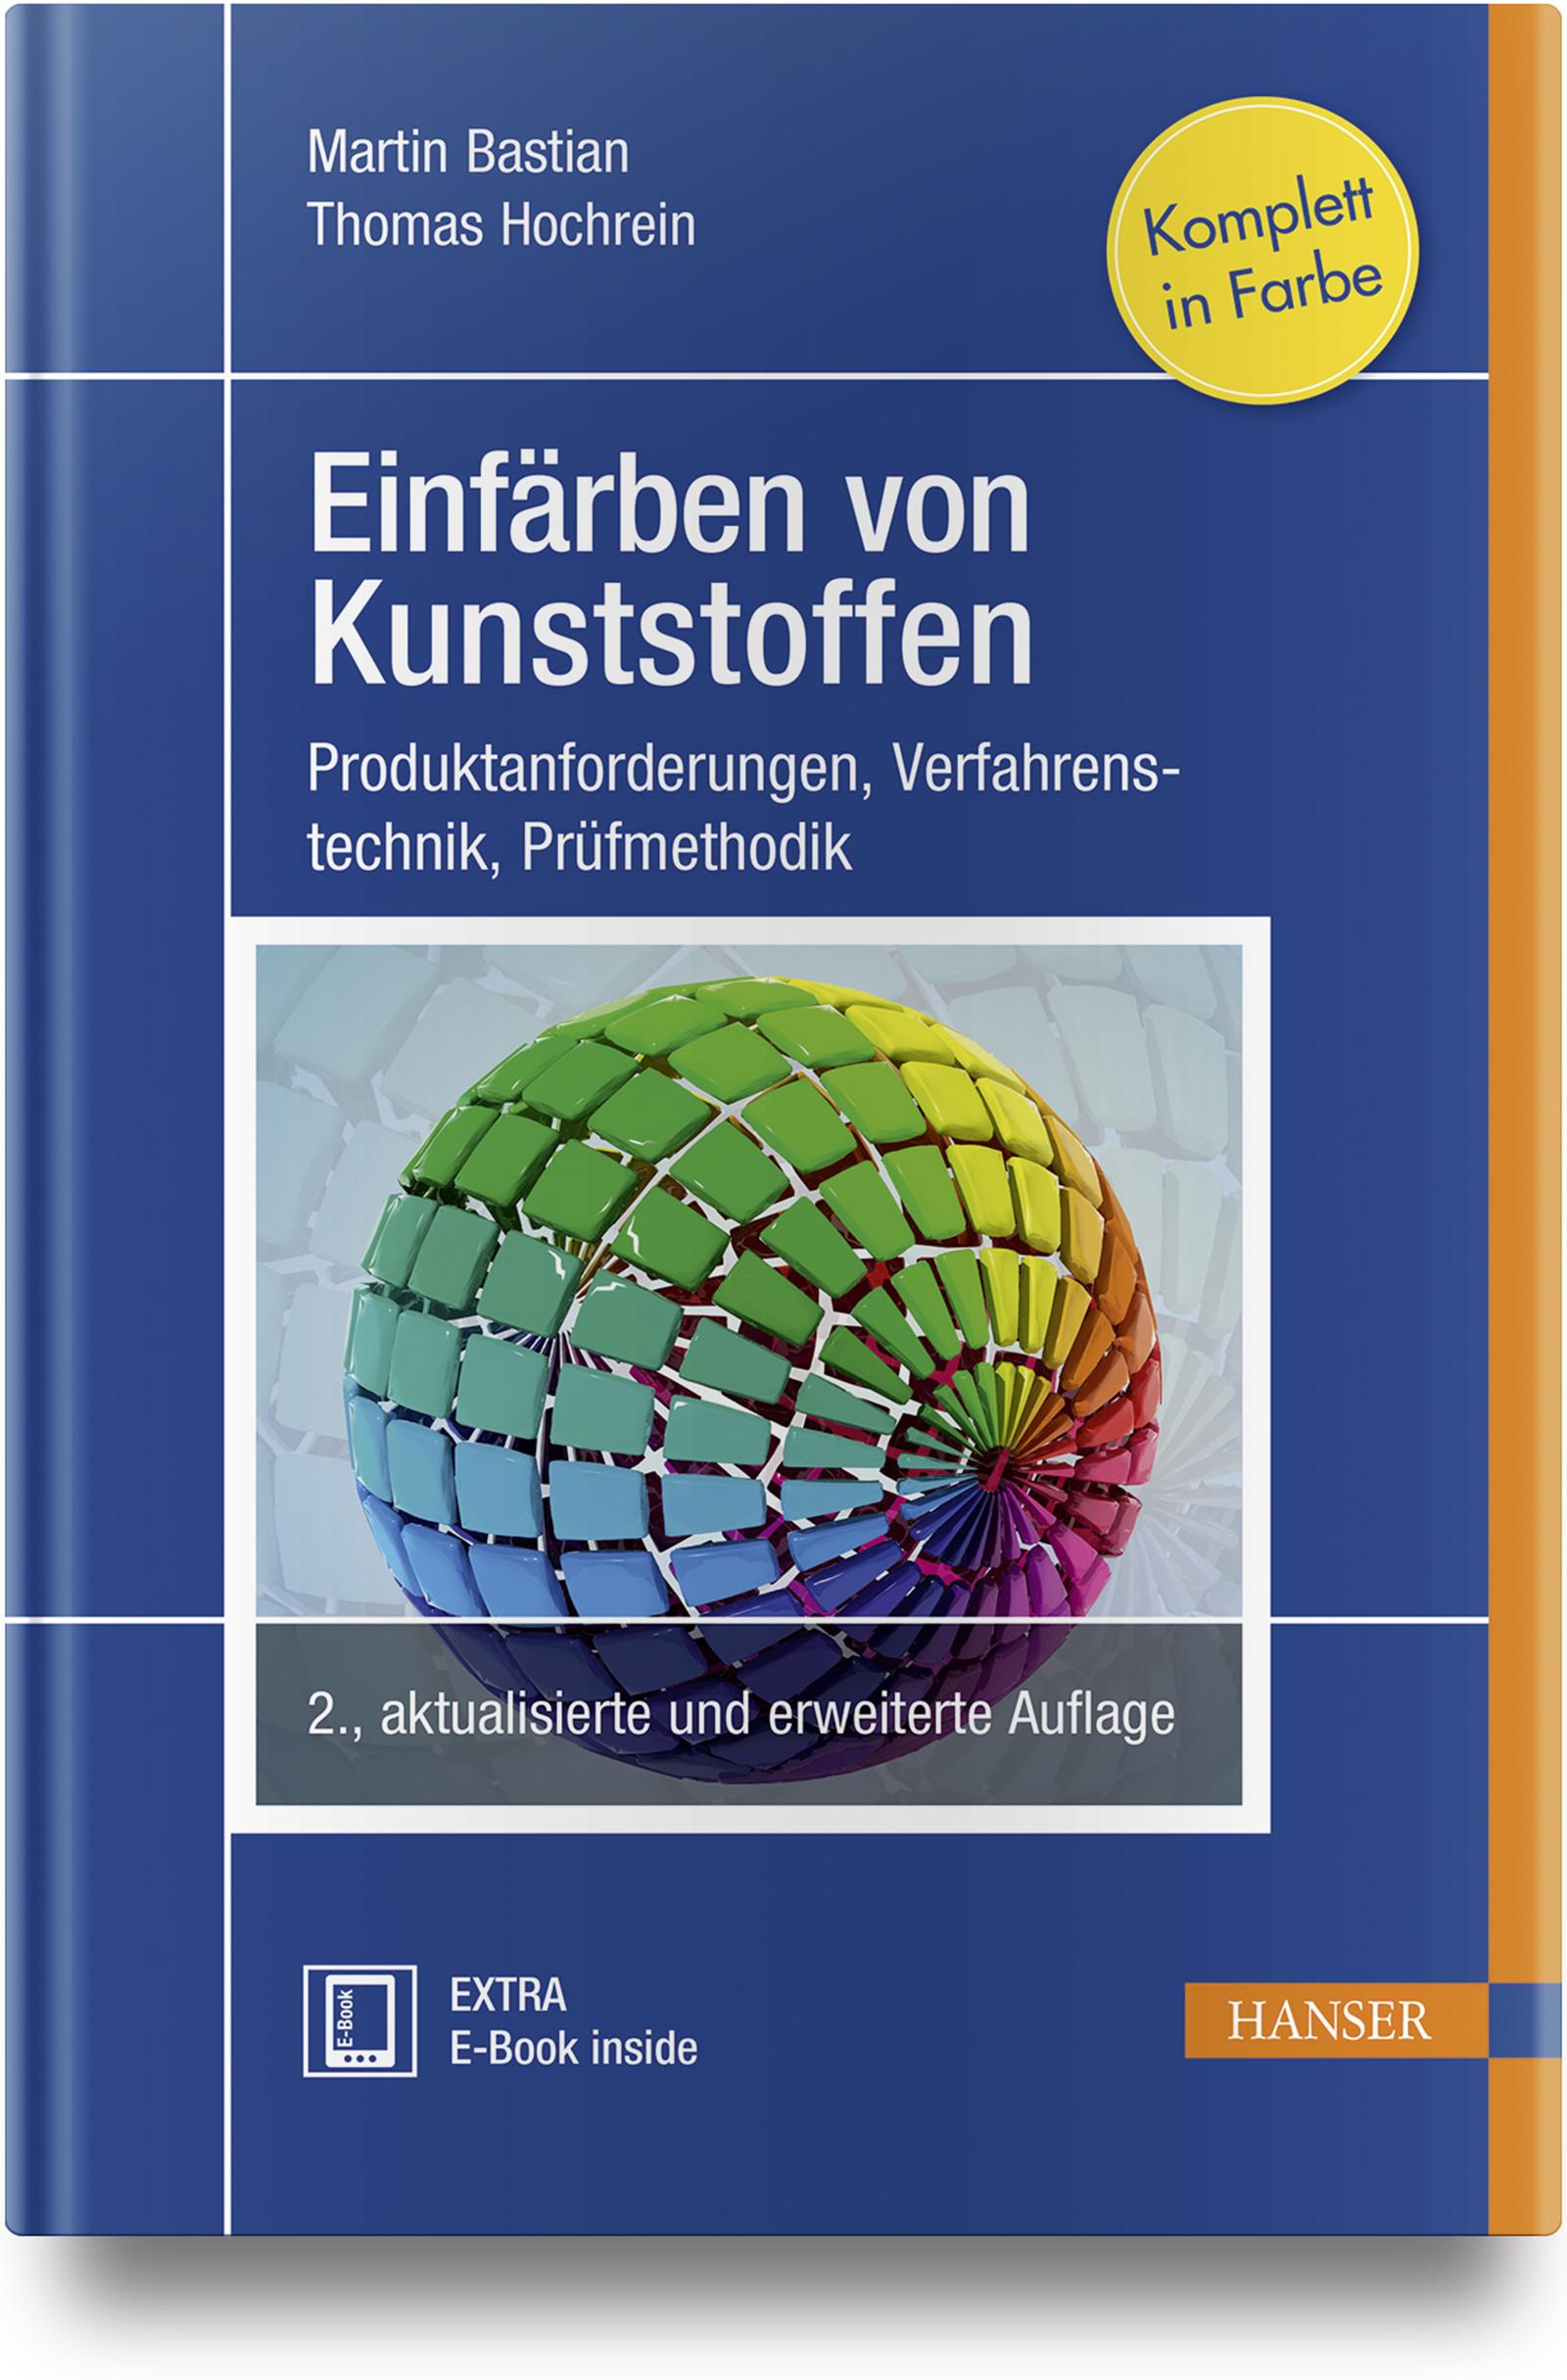 Bastian, Hochrein, Einfärben von Kunststoffen, 978-3-446-45398-2